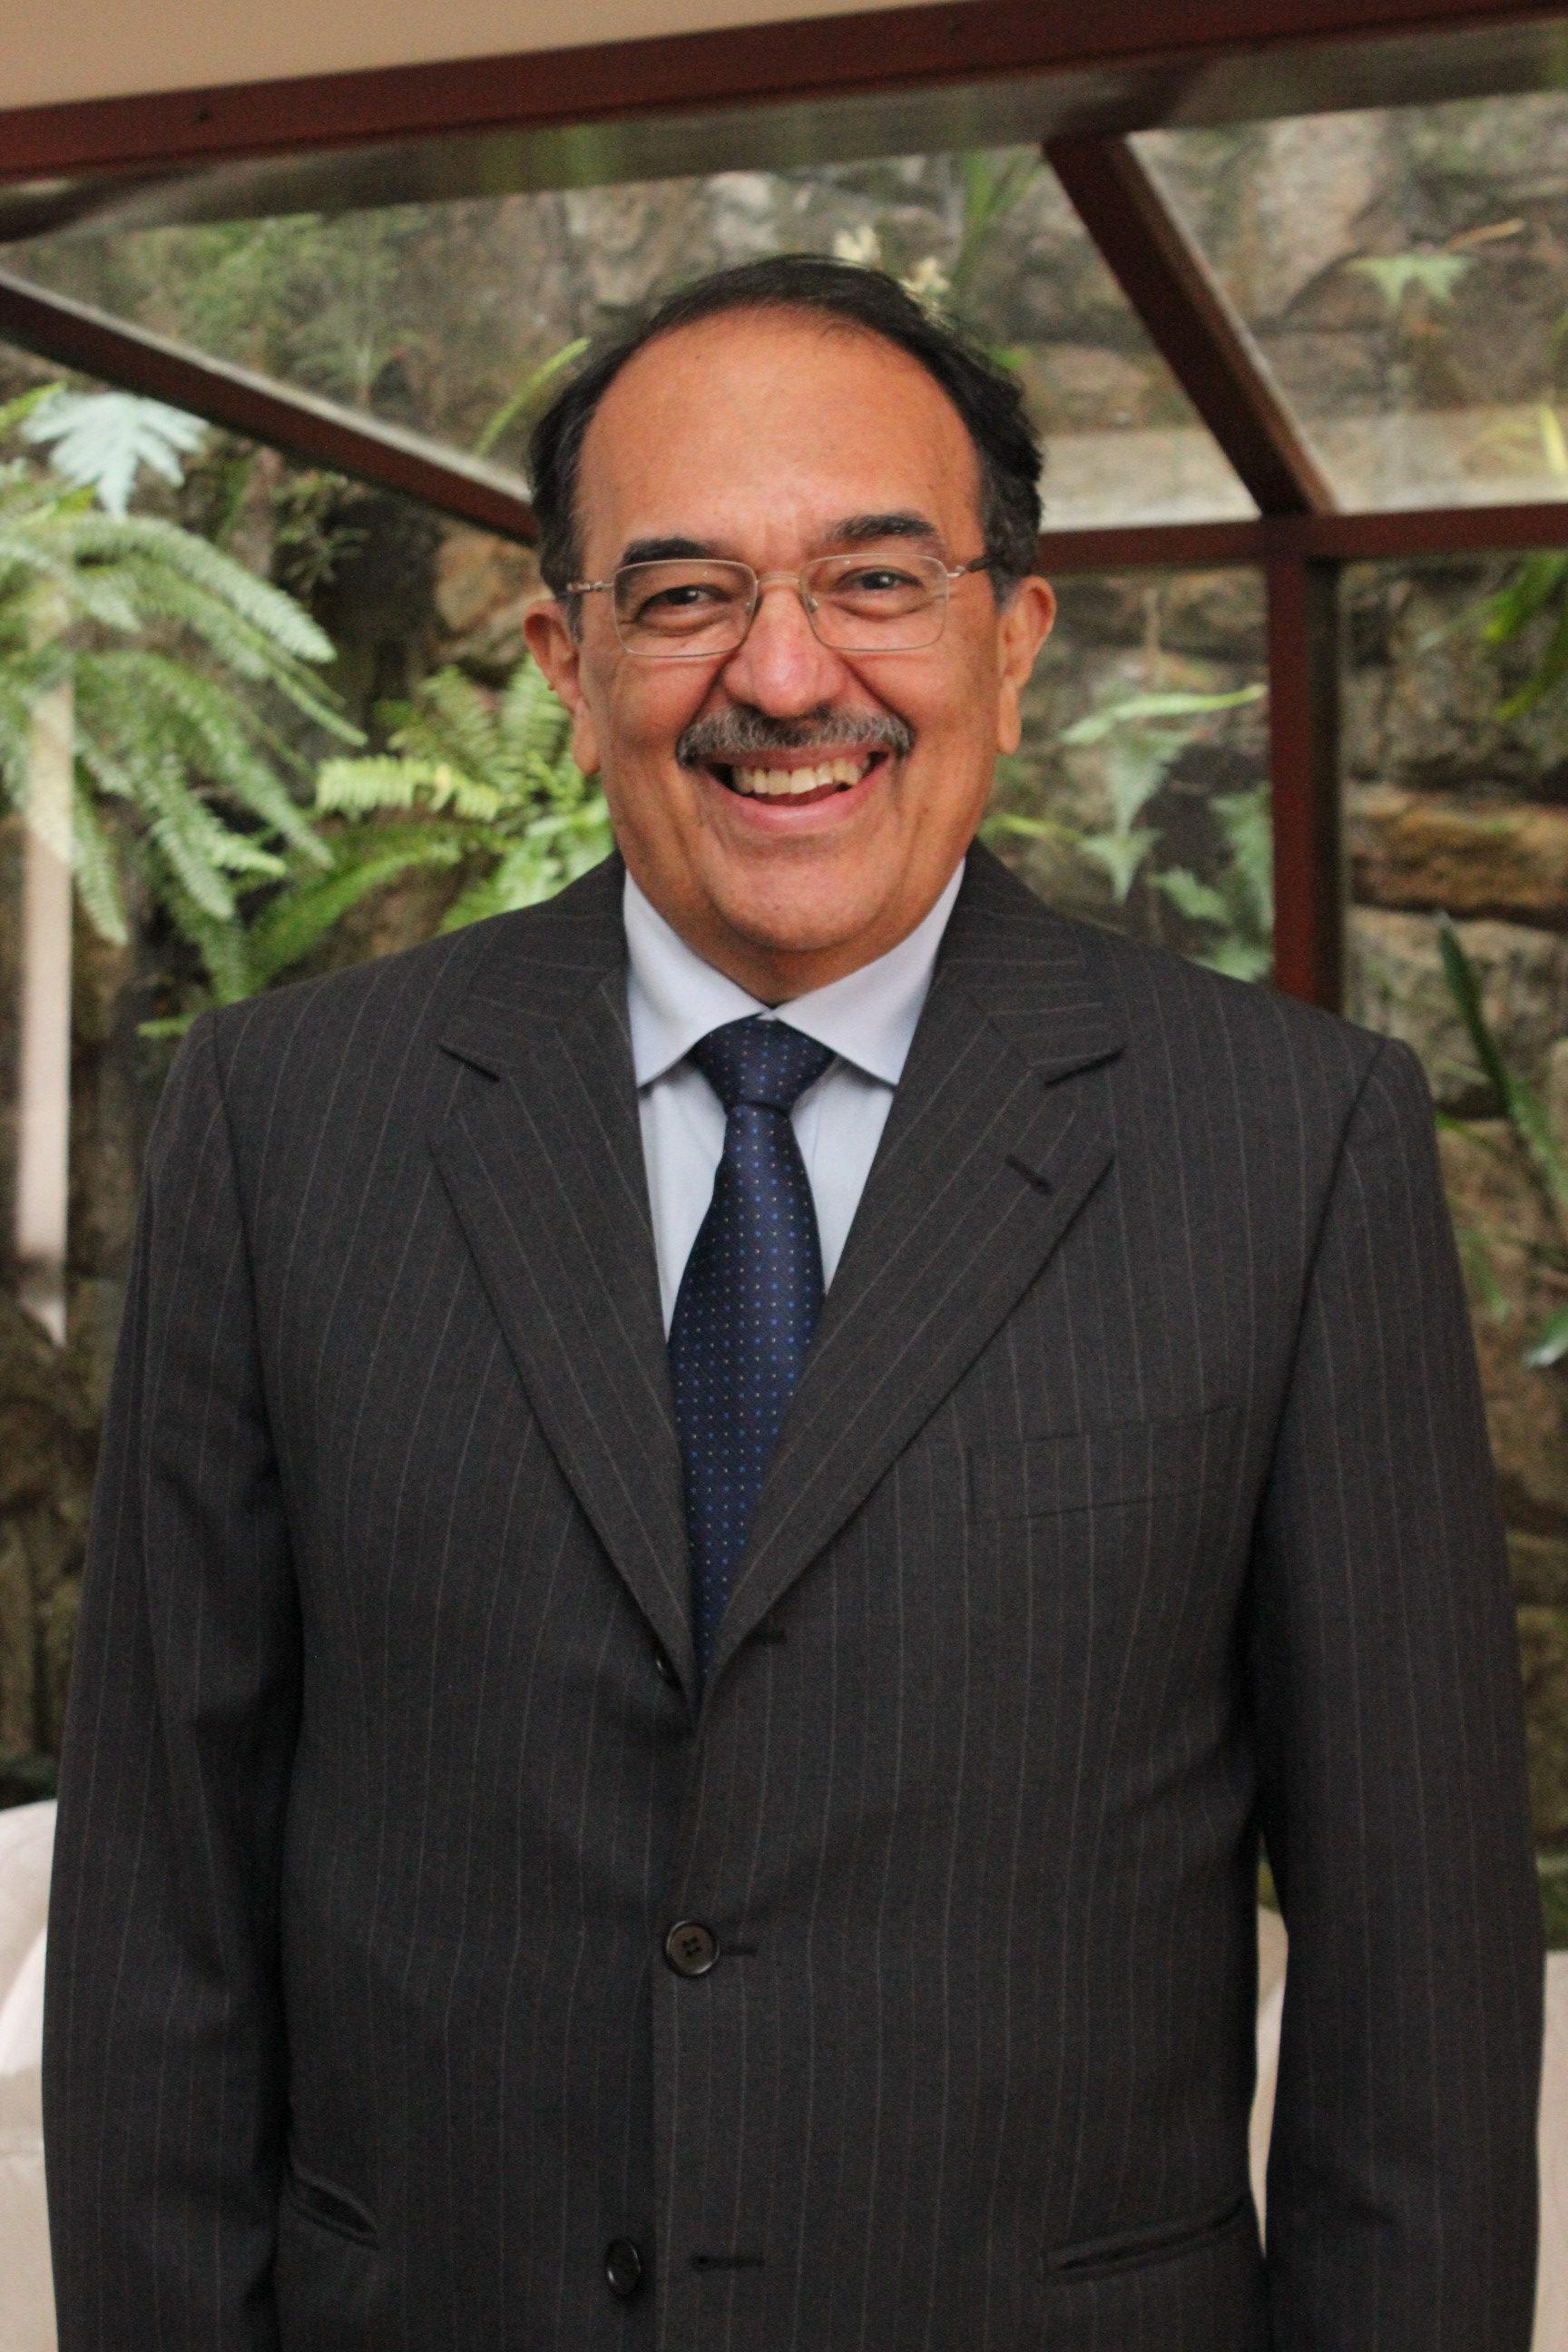 Dr. José Jozefran